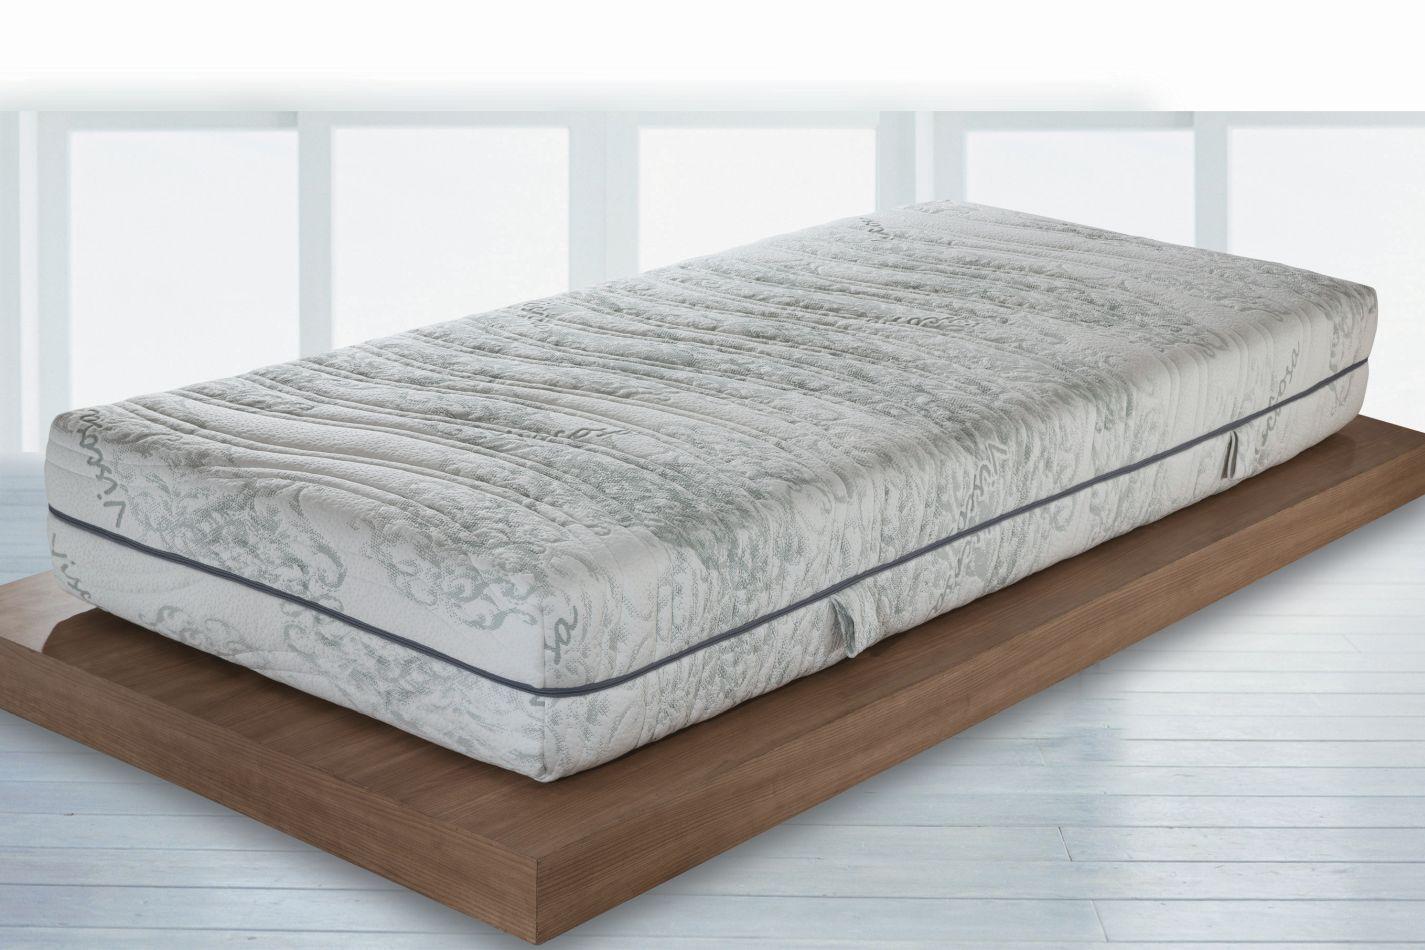 Matratze Balance Plus mit Taschen Federkern  - Abmessungen: 90 x 190 cm